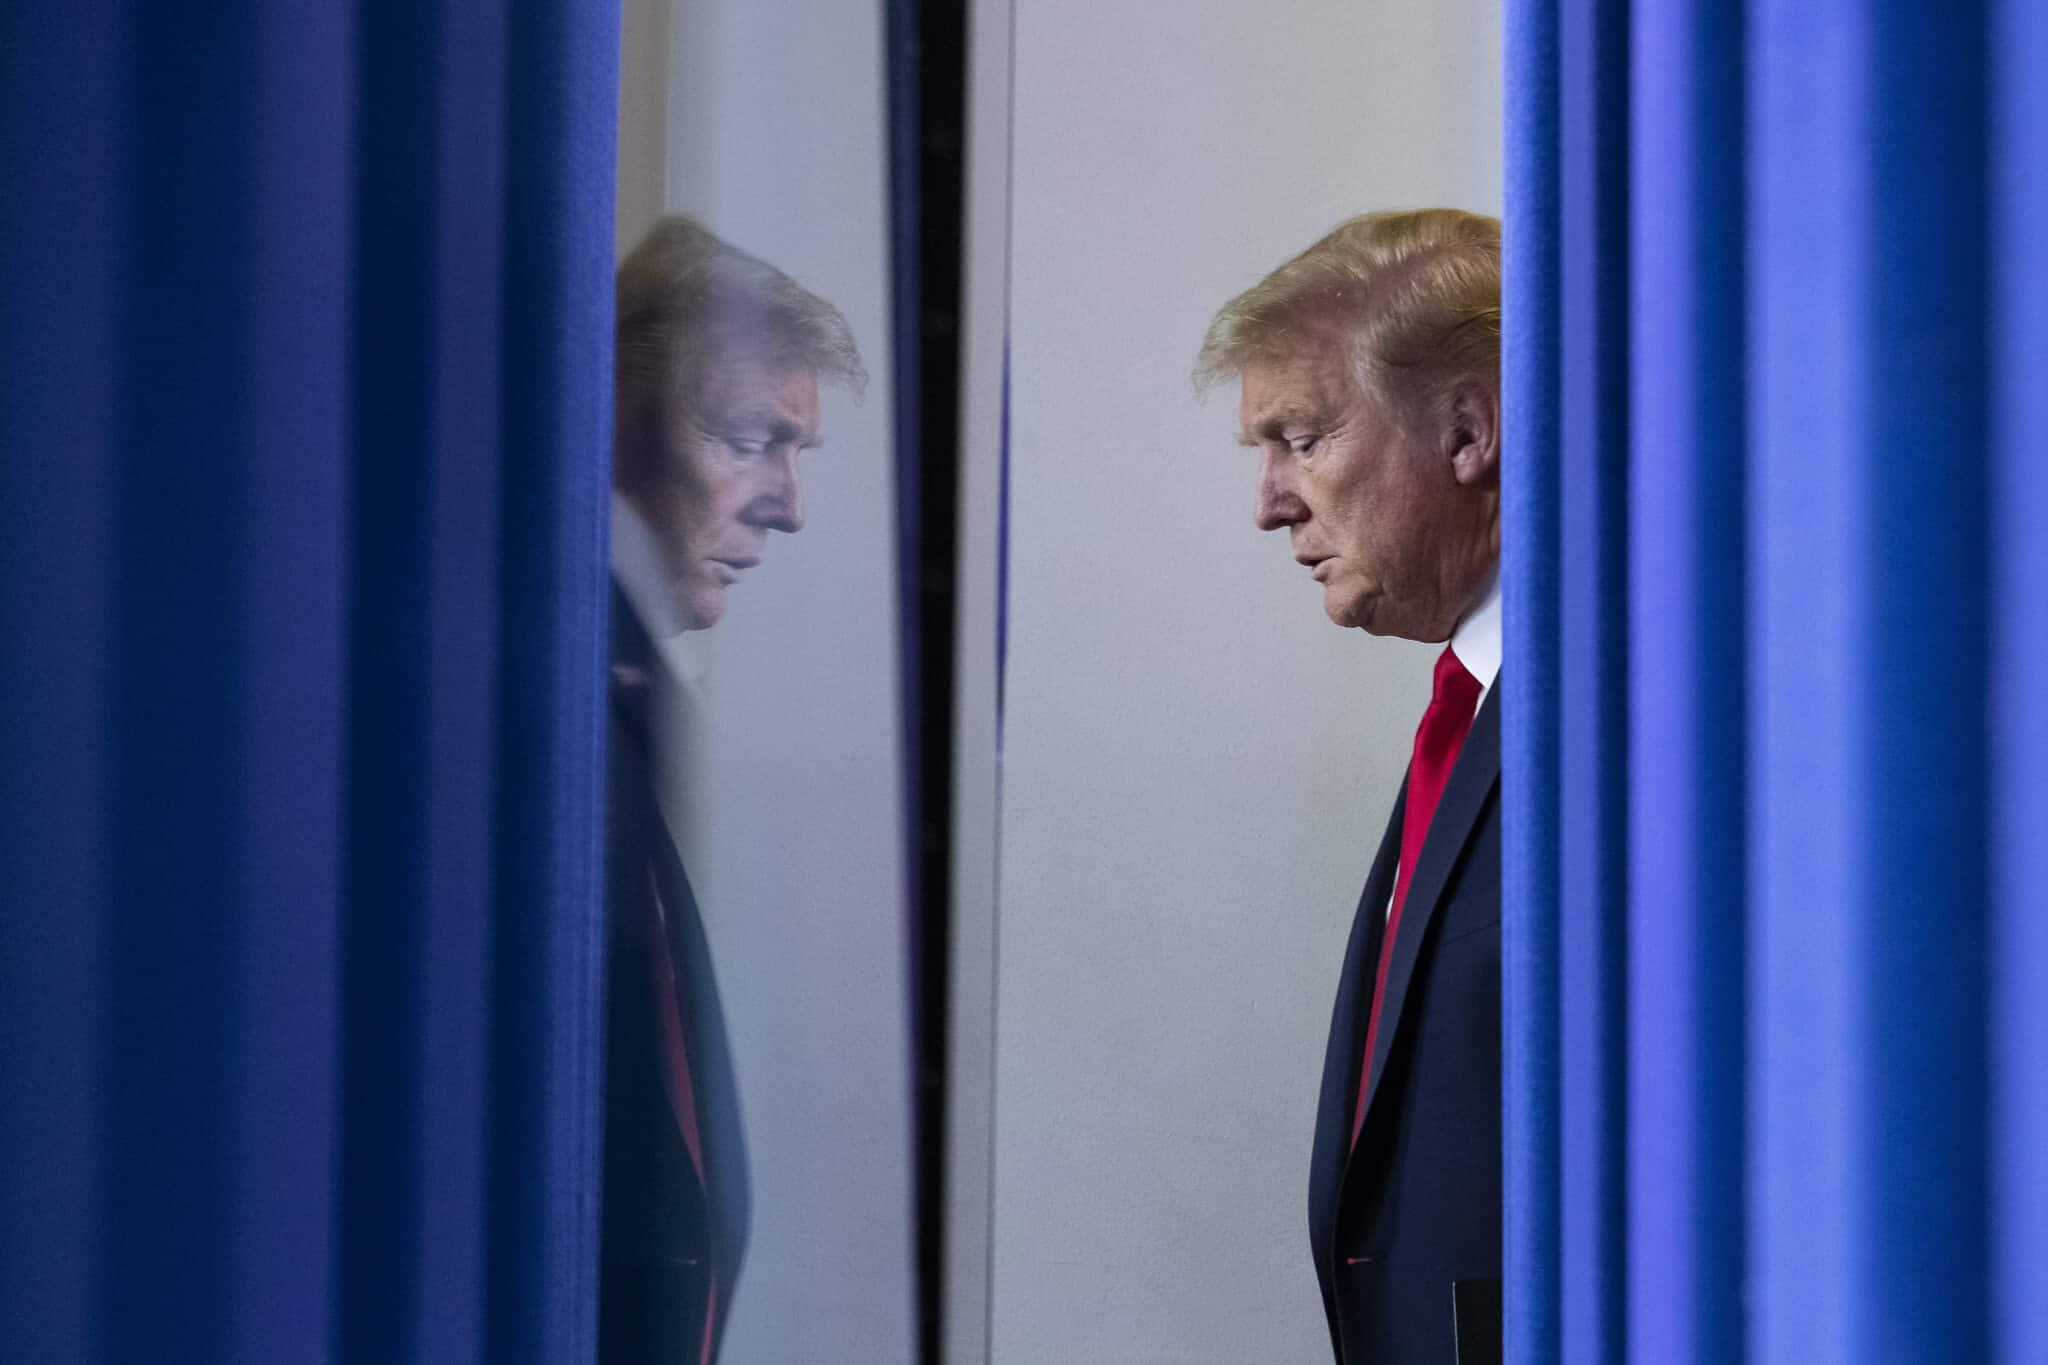 דונלד טראמפ בבית הלבן ב-22 באפריל 2020 (צילום: AP Photo/Alex Brandon)